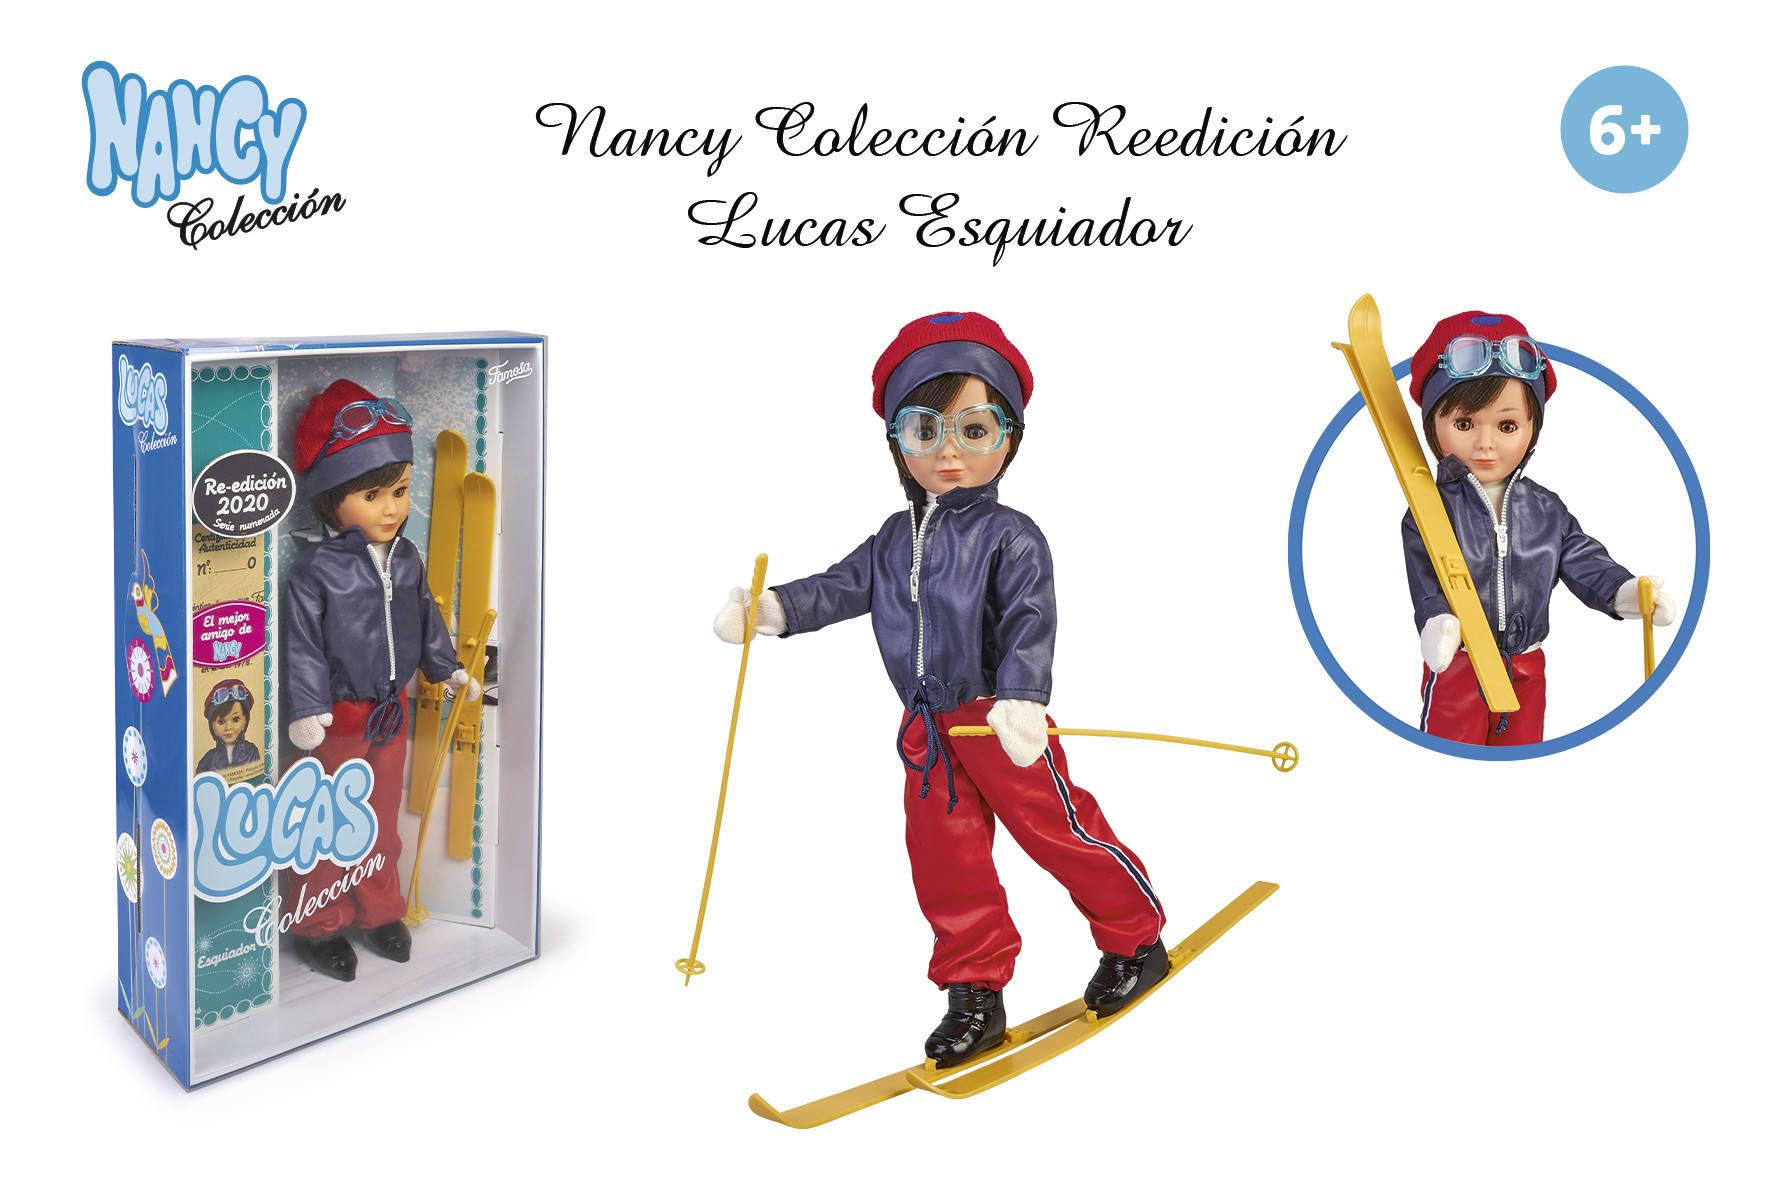 LUCAS ESQUIADOR REEDICION 2020 15969